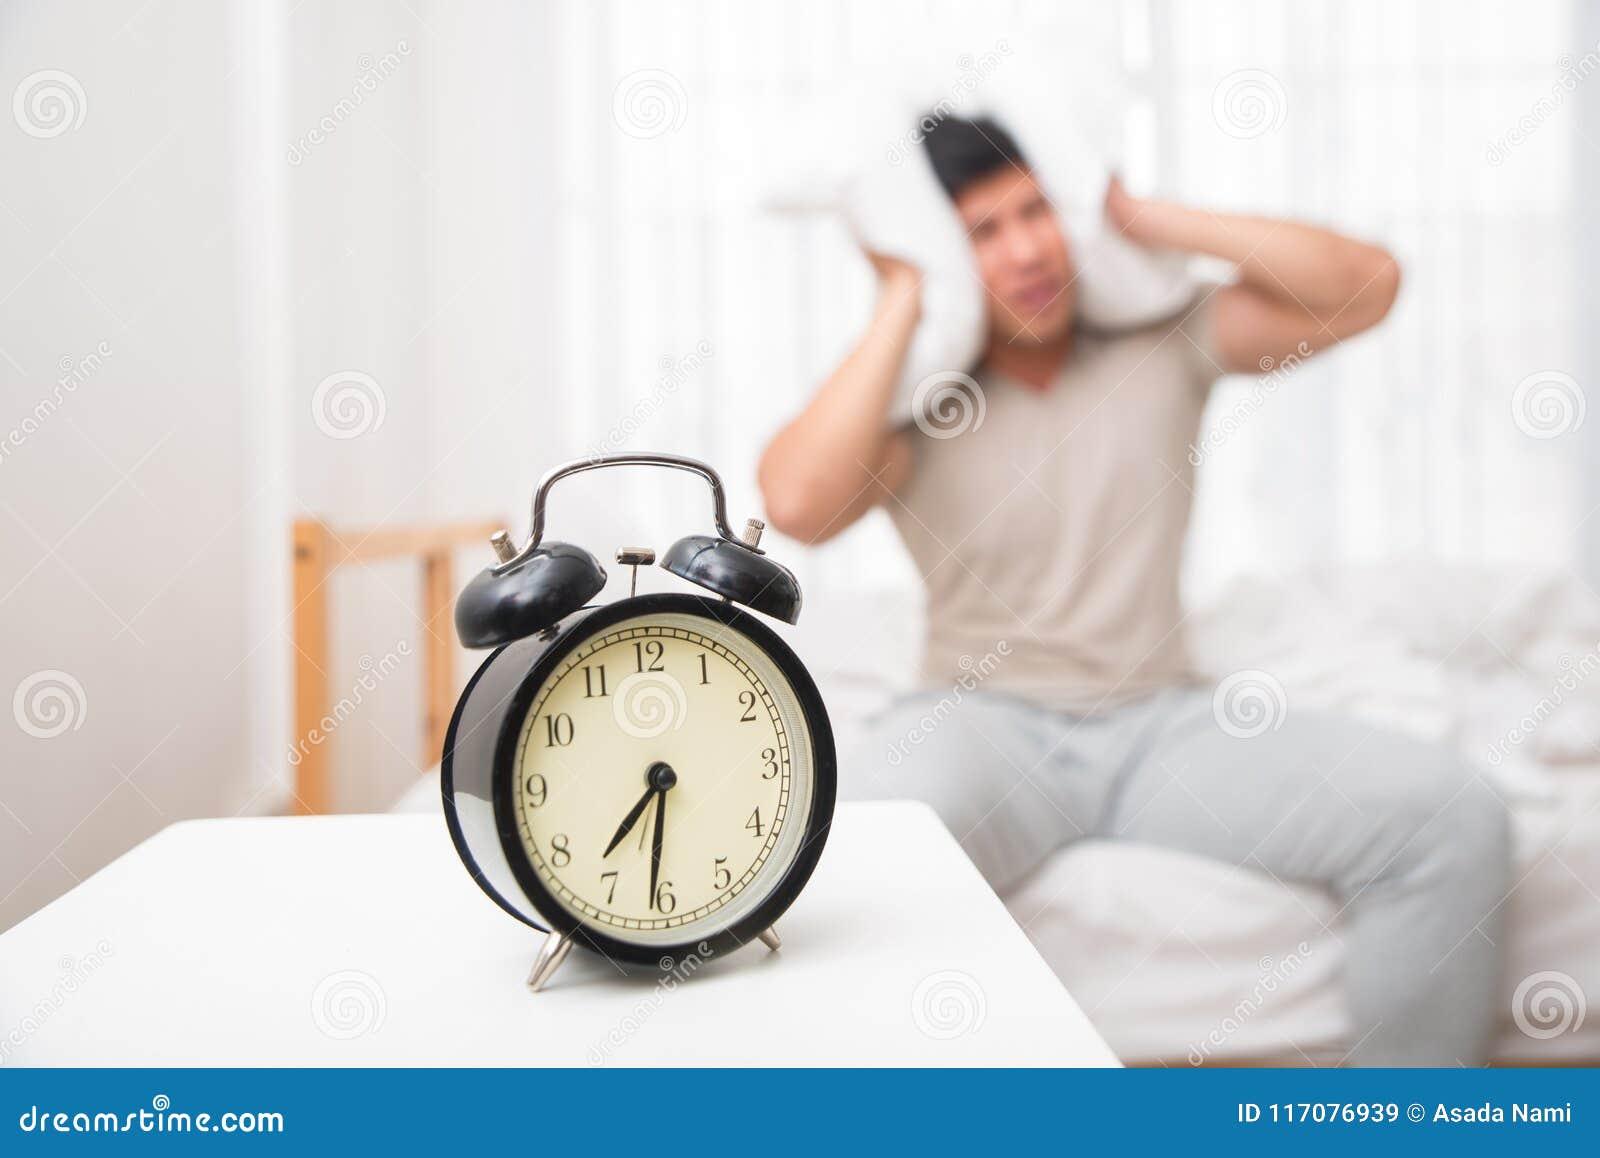 Азиатский красивый человек разбуженный будильником в кровати на утреннем времени